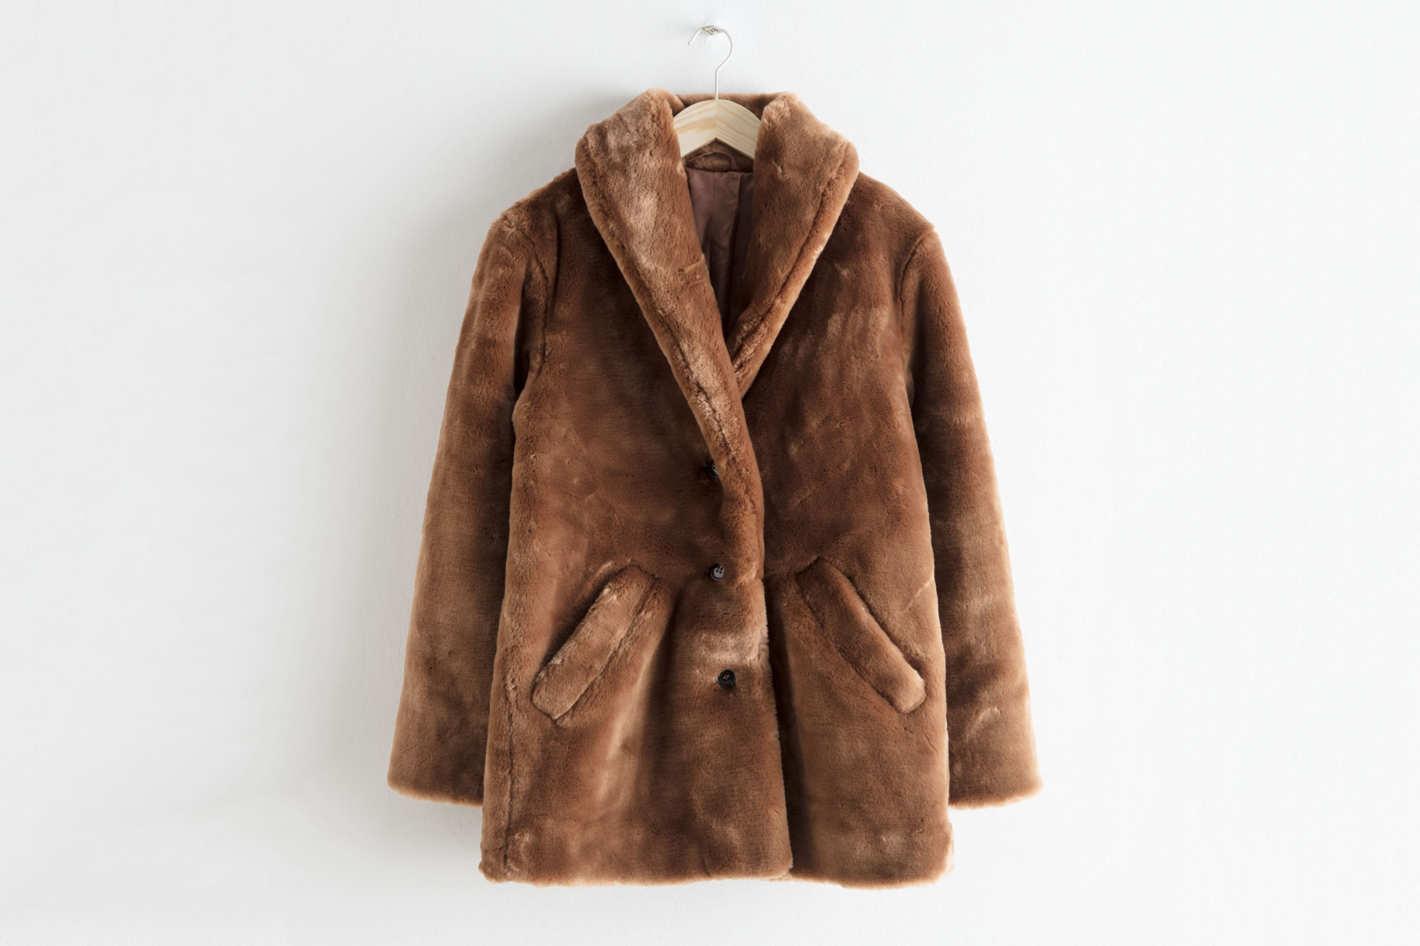 b770d2cfe76 33 Best Winter Coats 2018